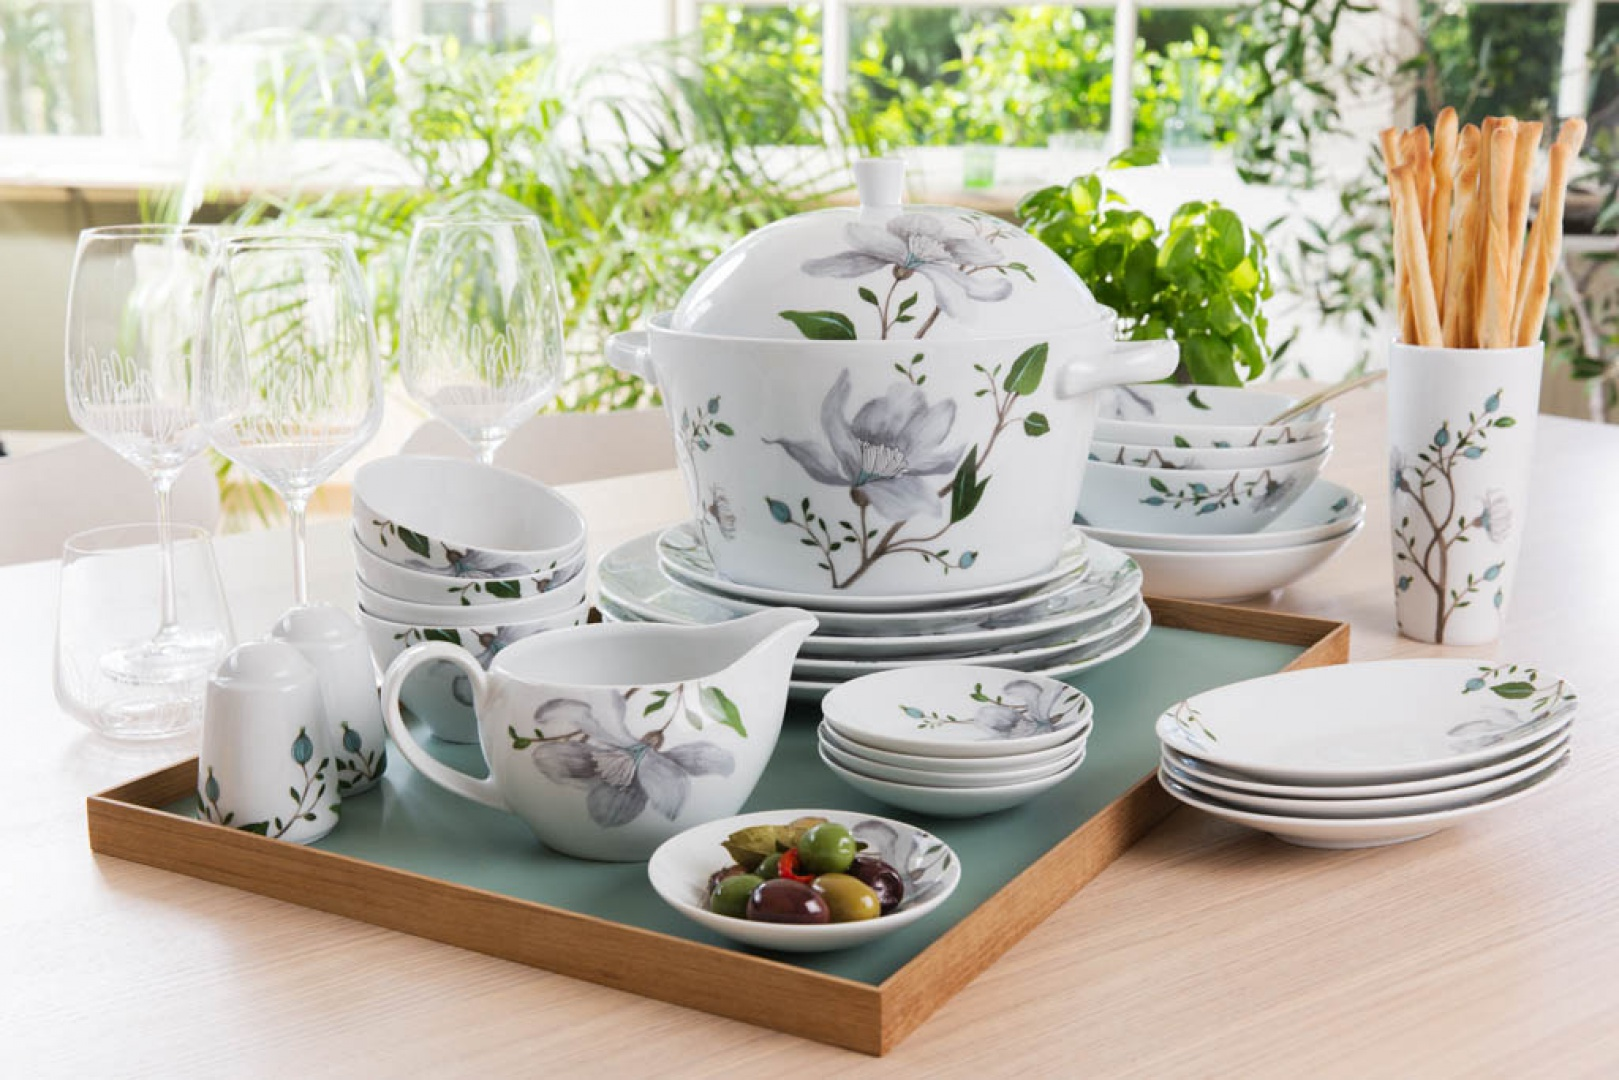 Serwis Clematis będzie idealnym uzupełnieniem stołu na wiosnę. Fot. Fyrklovern